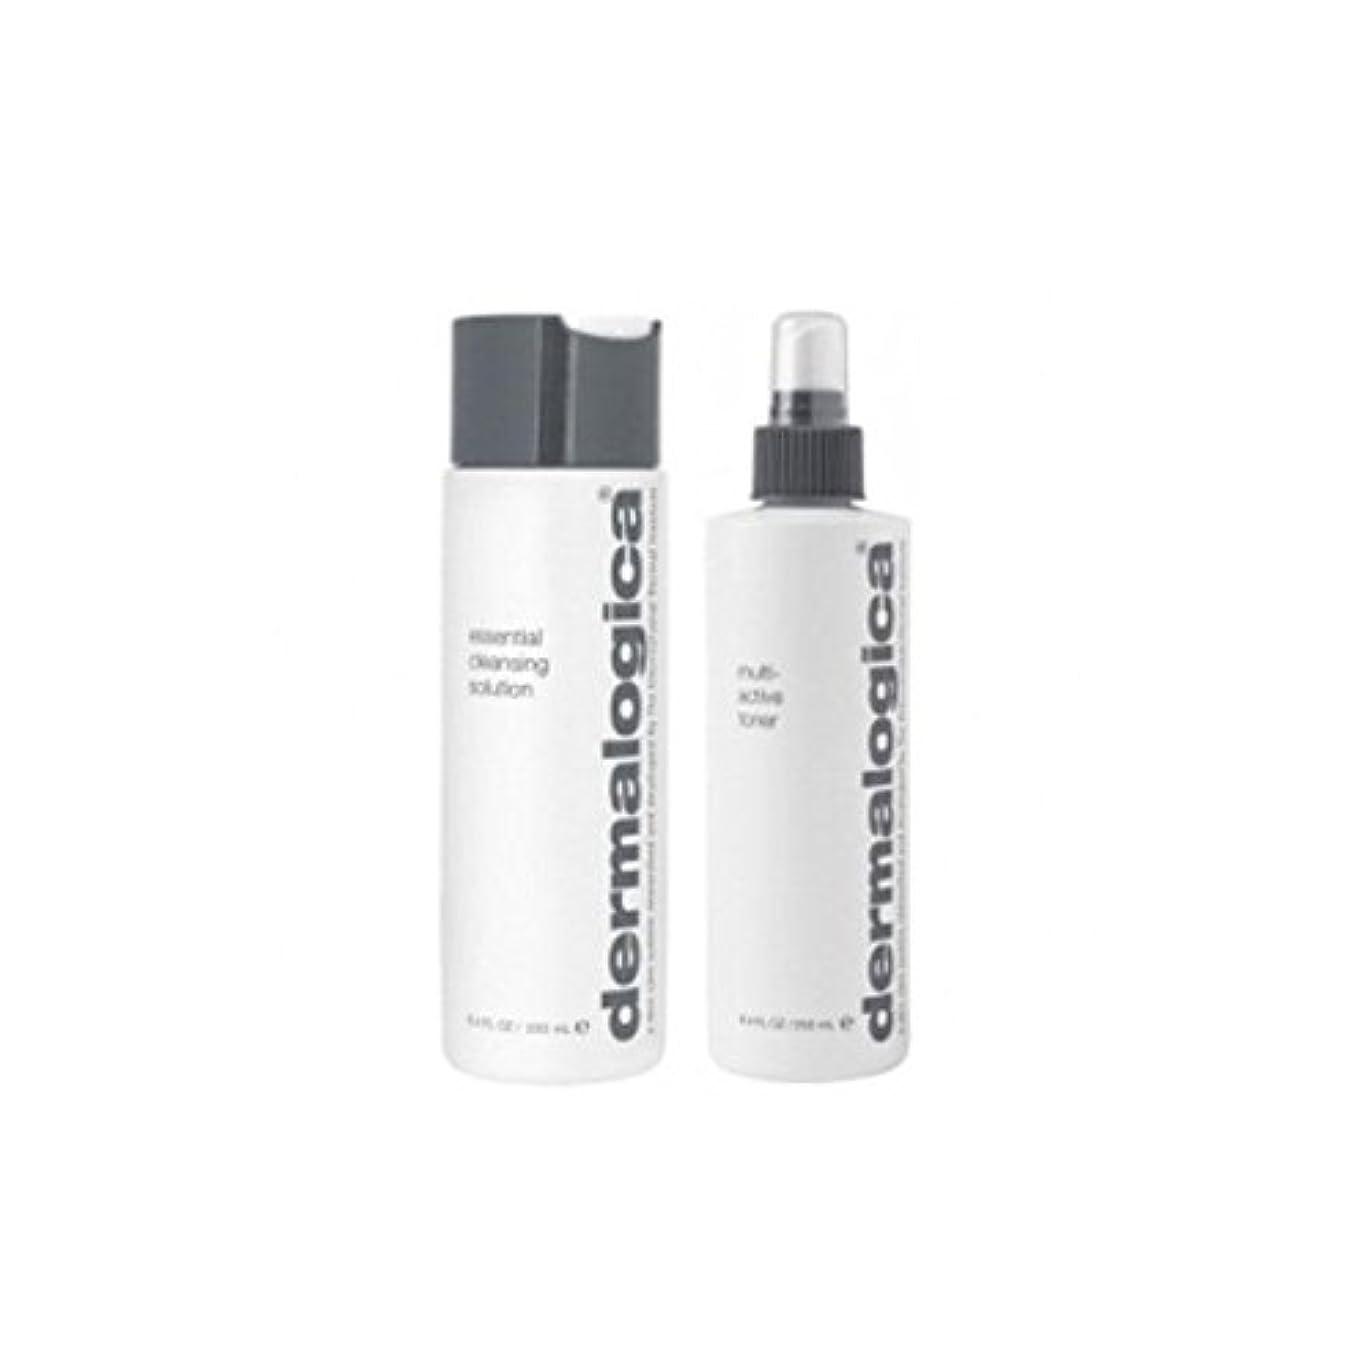 臨検物理的な乗ってダーマロジカクレンジング&トーンデュオ - 乾燥肌 x2 - Dermalogica Cleanse & Tone Duo - Dry Skin (Pack of 2) [並行輸入品]